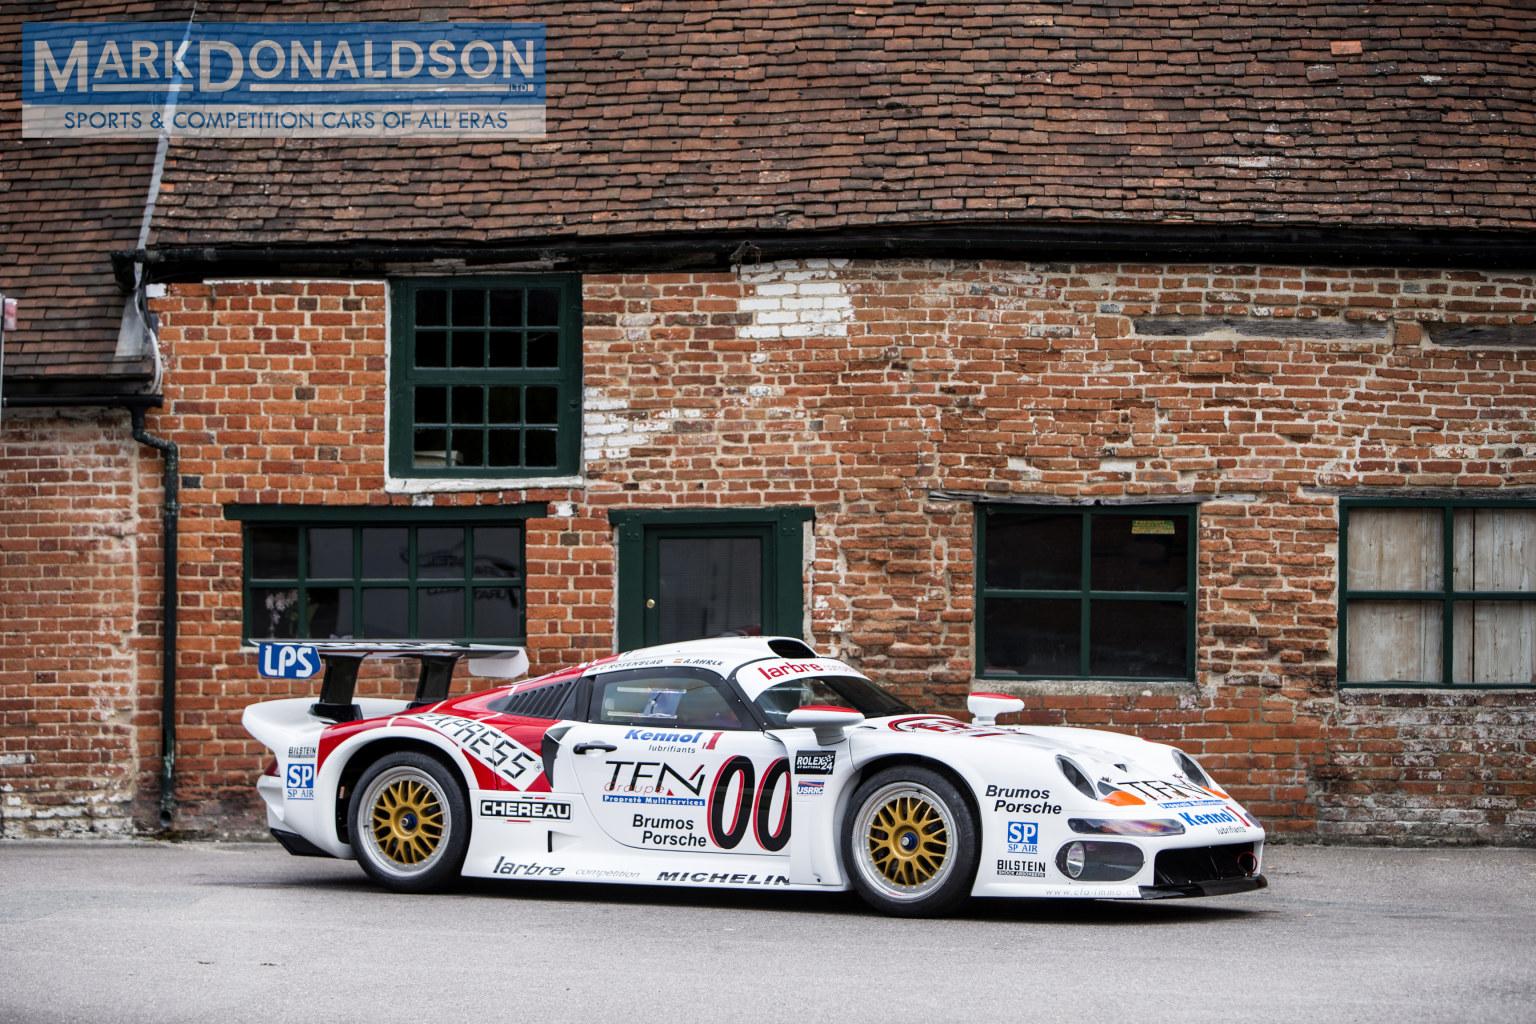 Rare Street Legal Porsche 993 GT1 for Sale - GTspirit